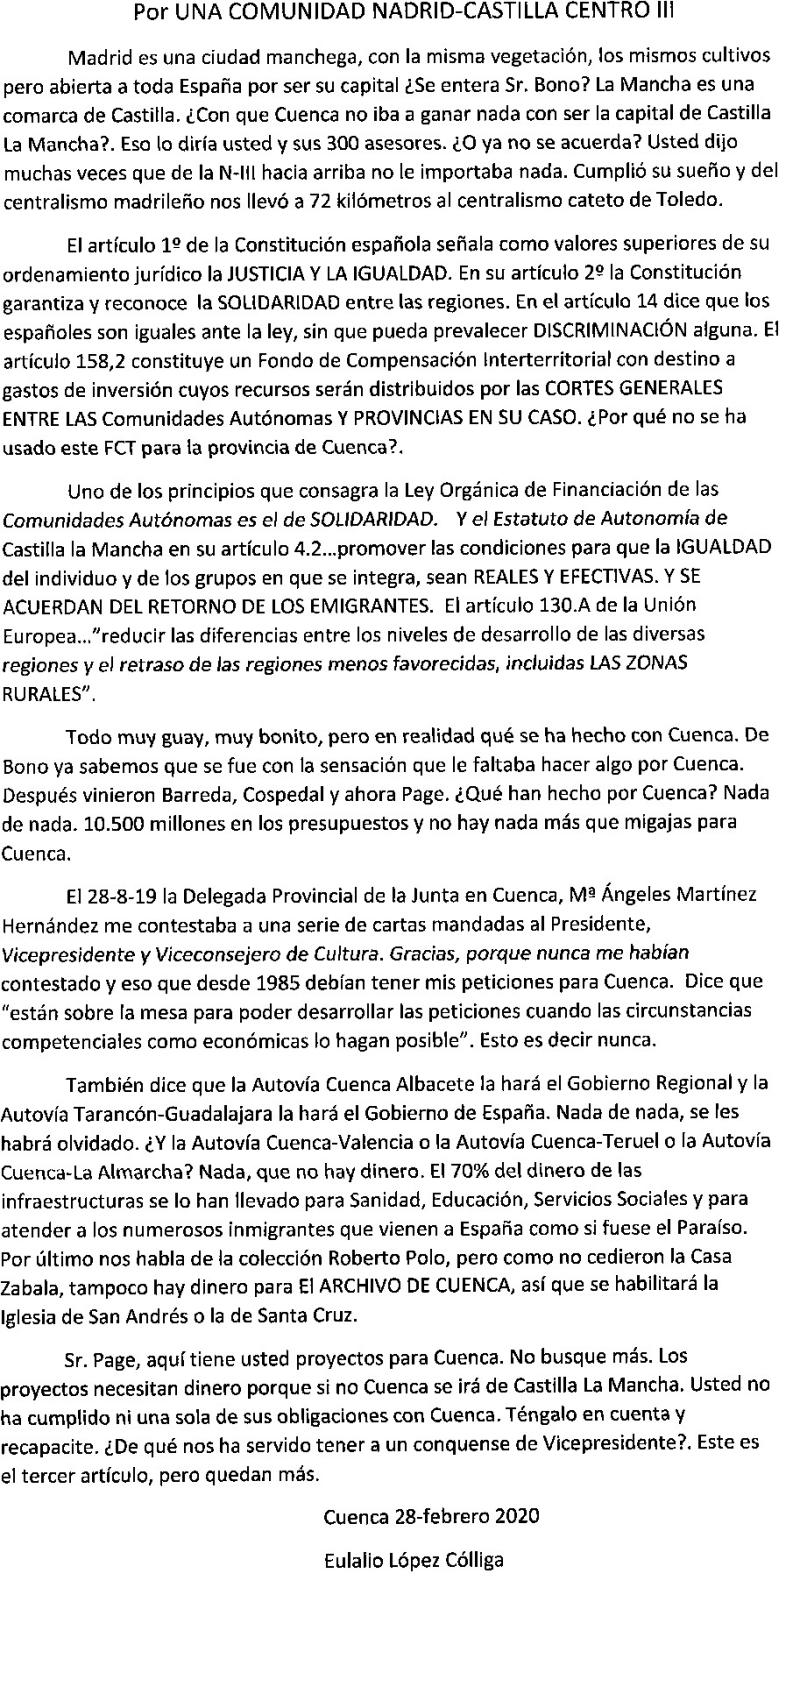 ELC.-Por una Comunidad Madrid-Castilla Centro. III-2